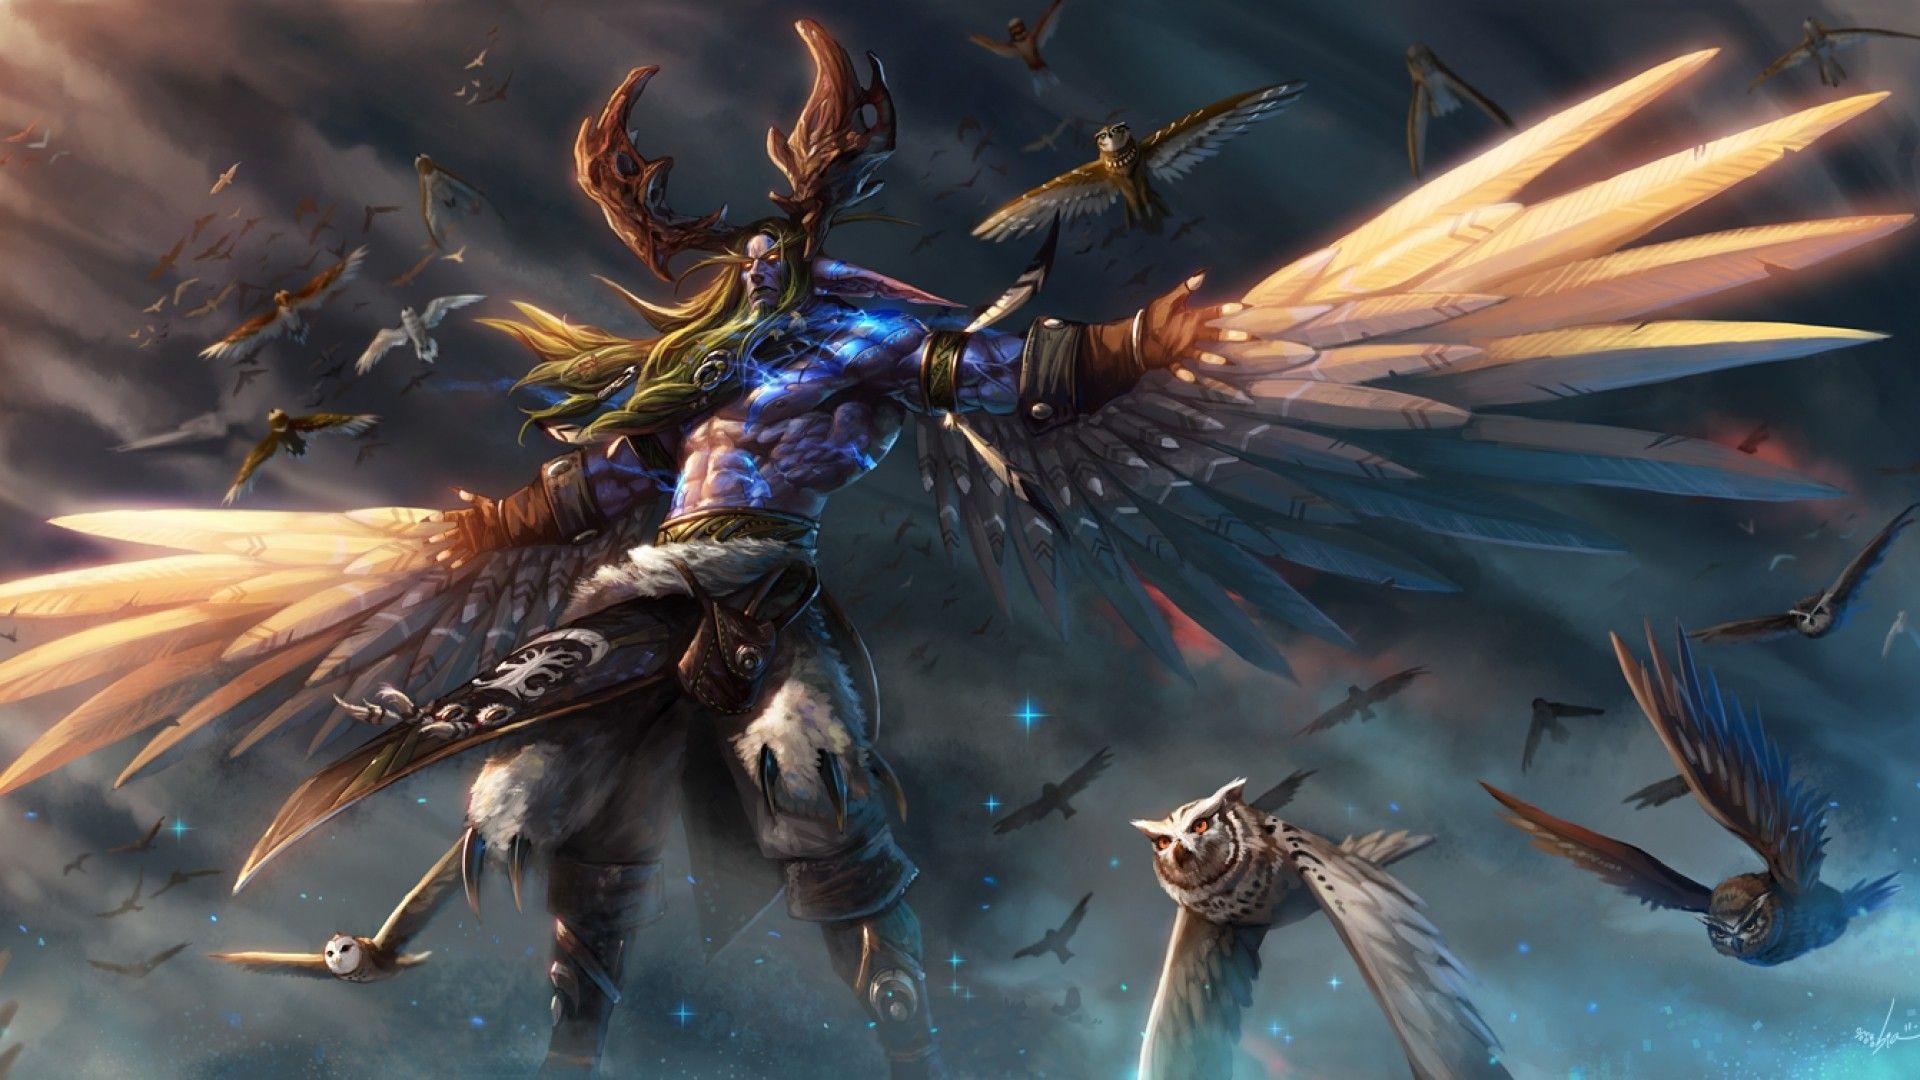 Malfurion Stormrage World of Warcraft video games